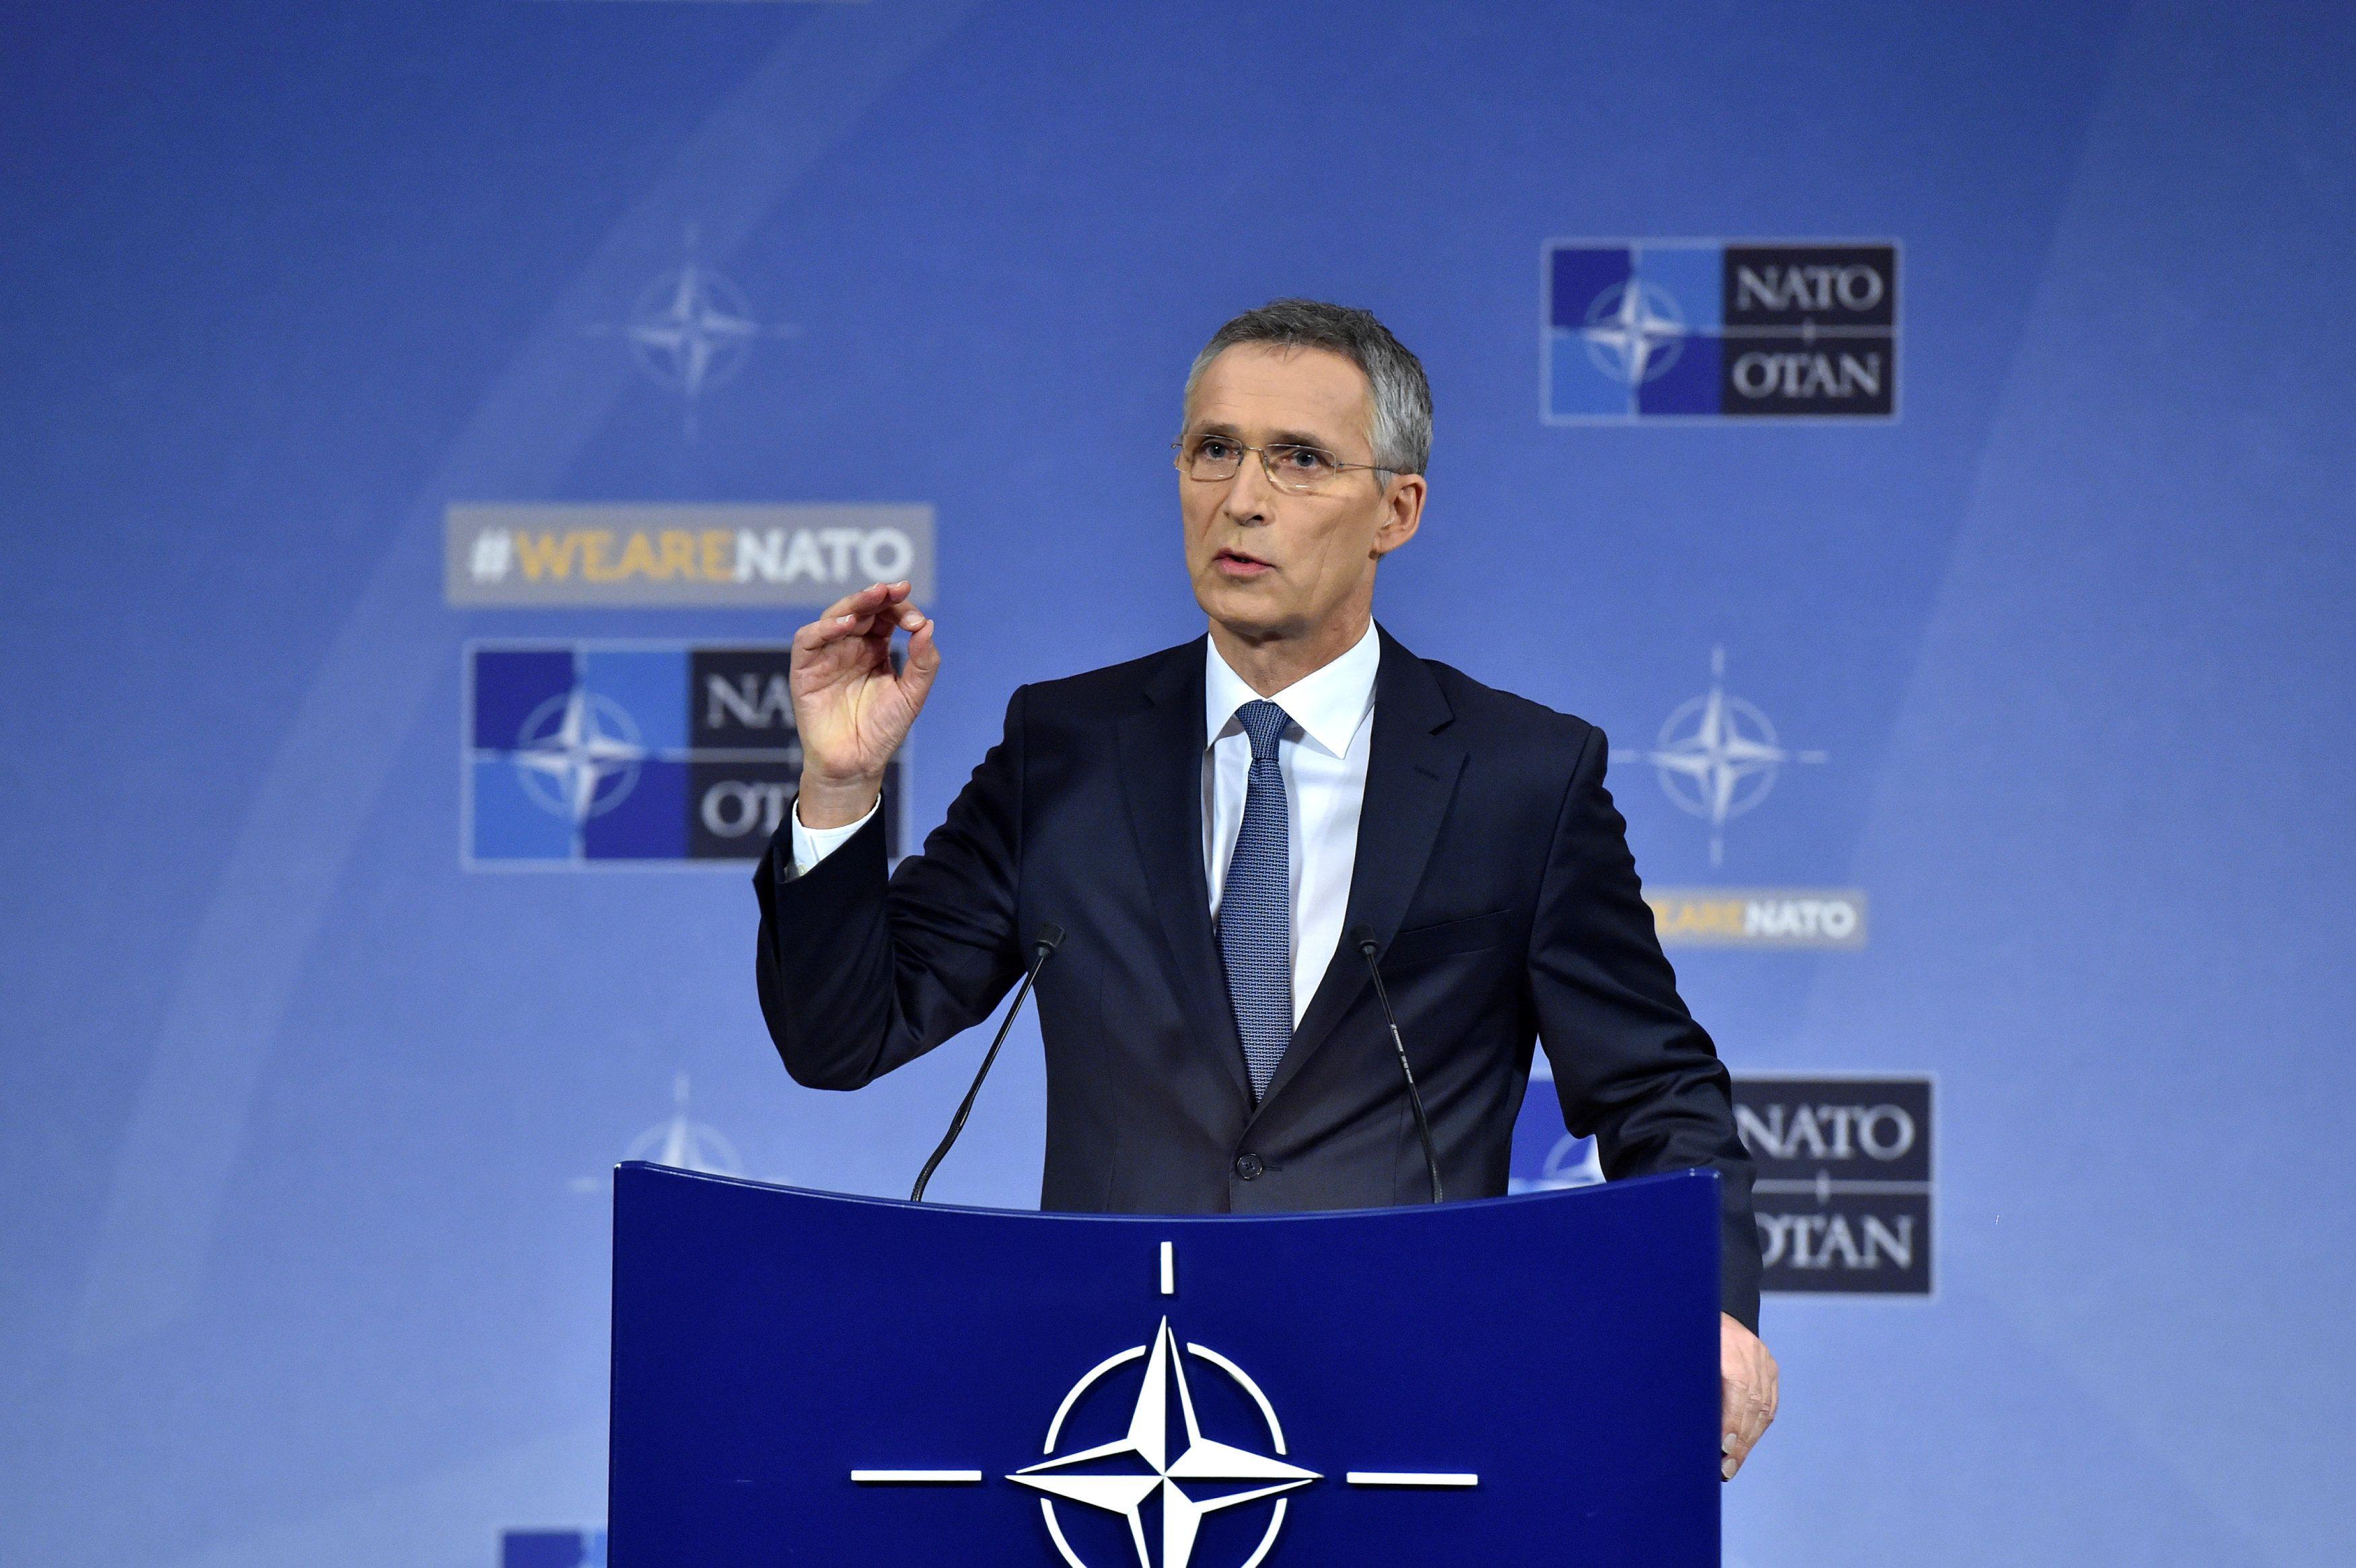 Столтенберг заявил, что Москва наращивает свою агрессию